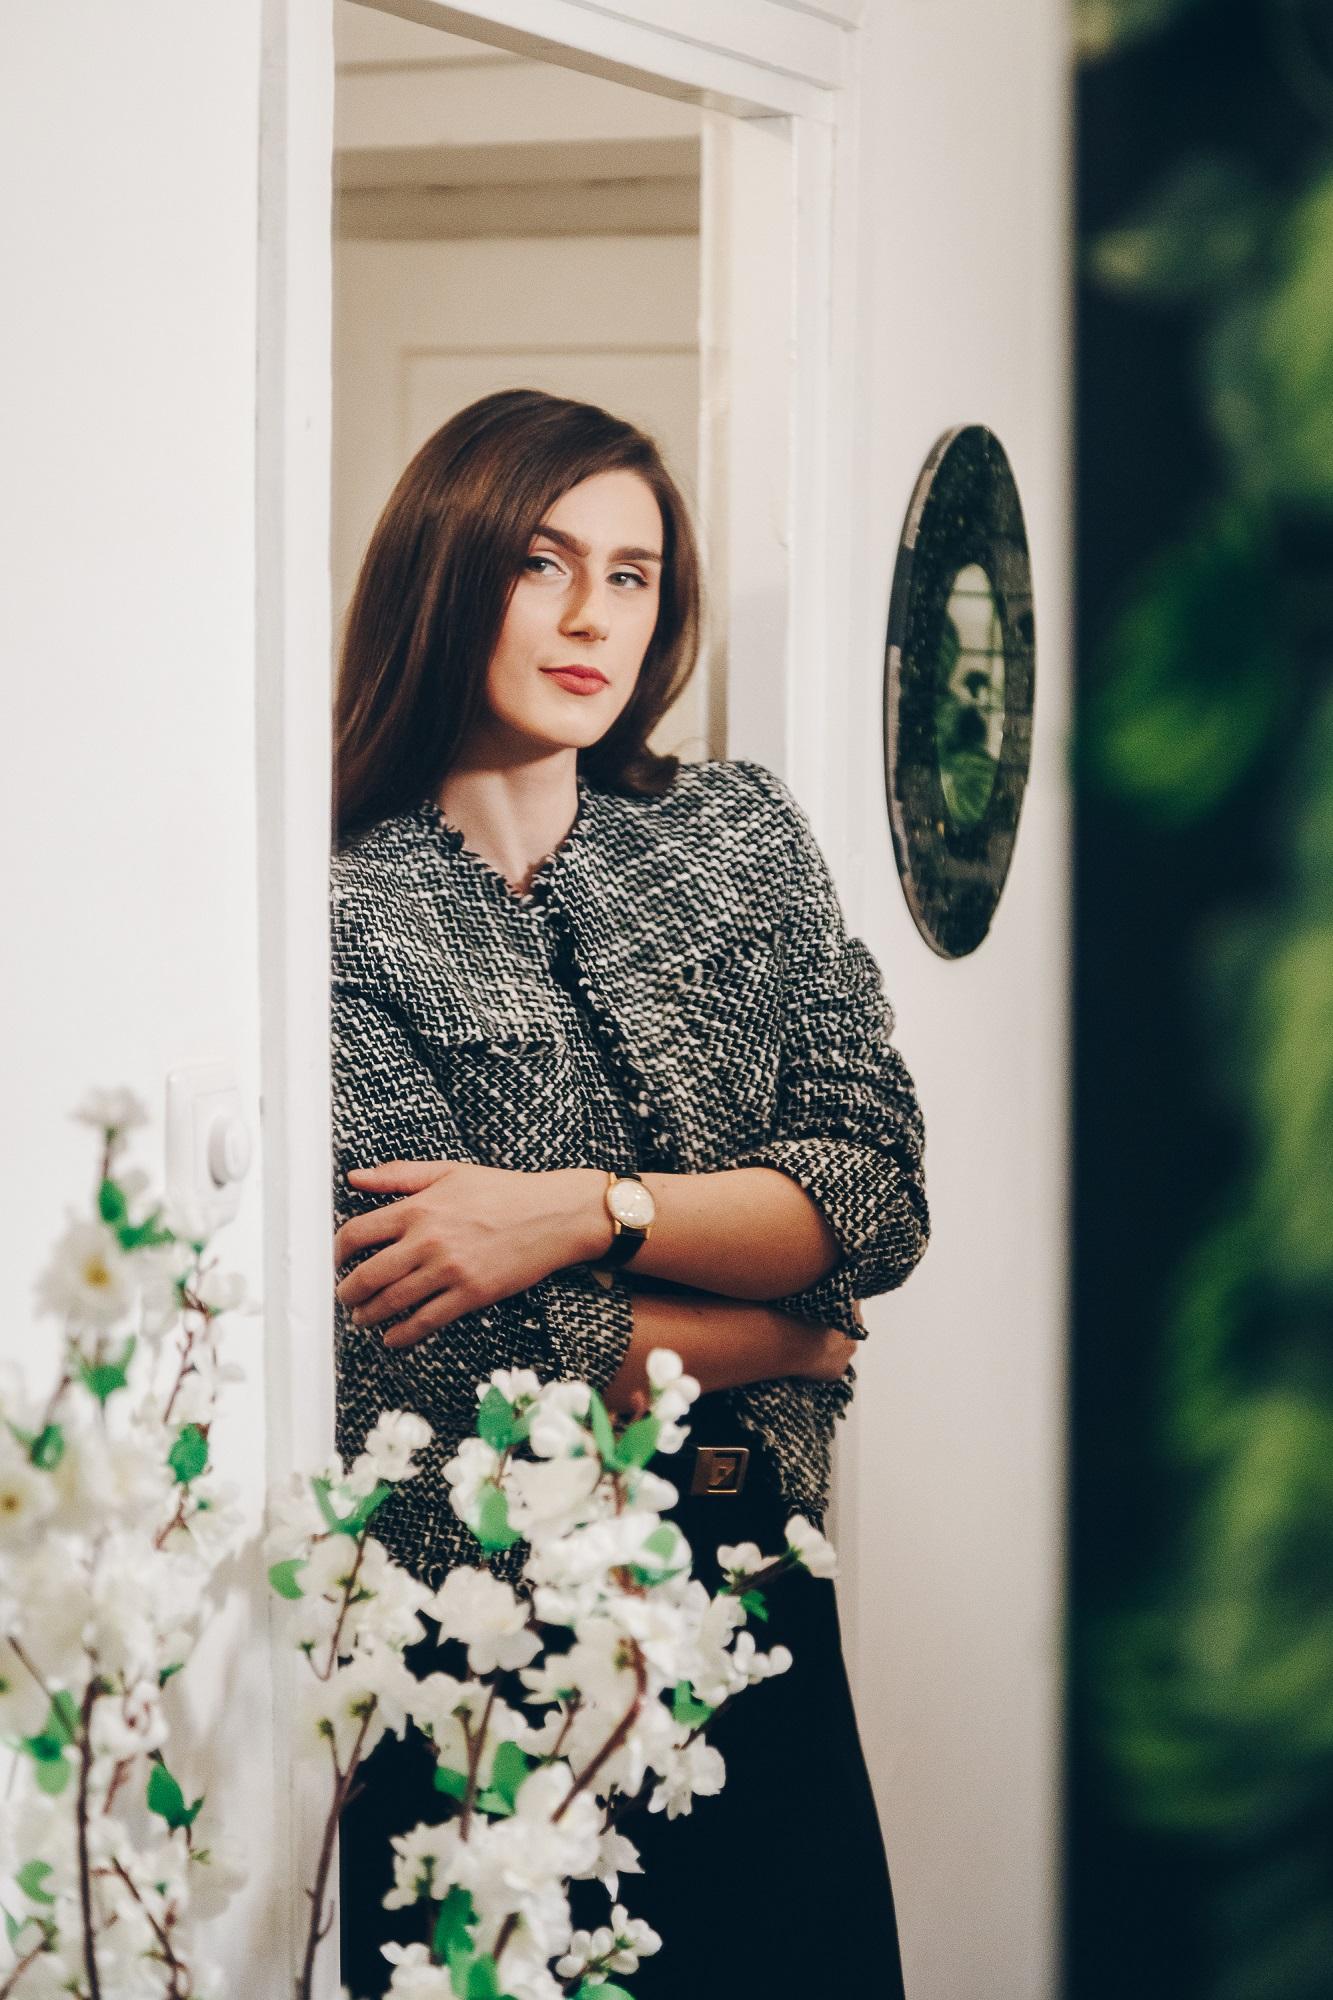 Zagreb, 26.02.2020.   Portret Izabele Kecan, mladen modne dizajnerice i vlasnice branda Dizajn by Izabela Kecan.  Foto: Sara B. Moritz/CROPIX